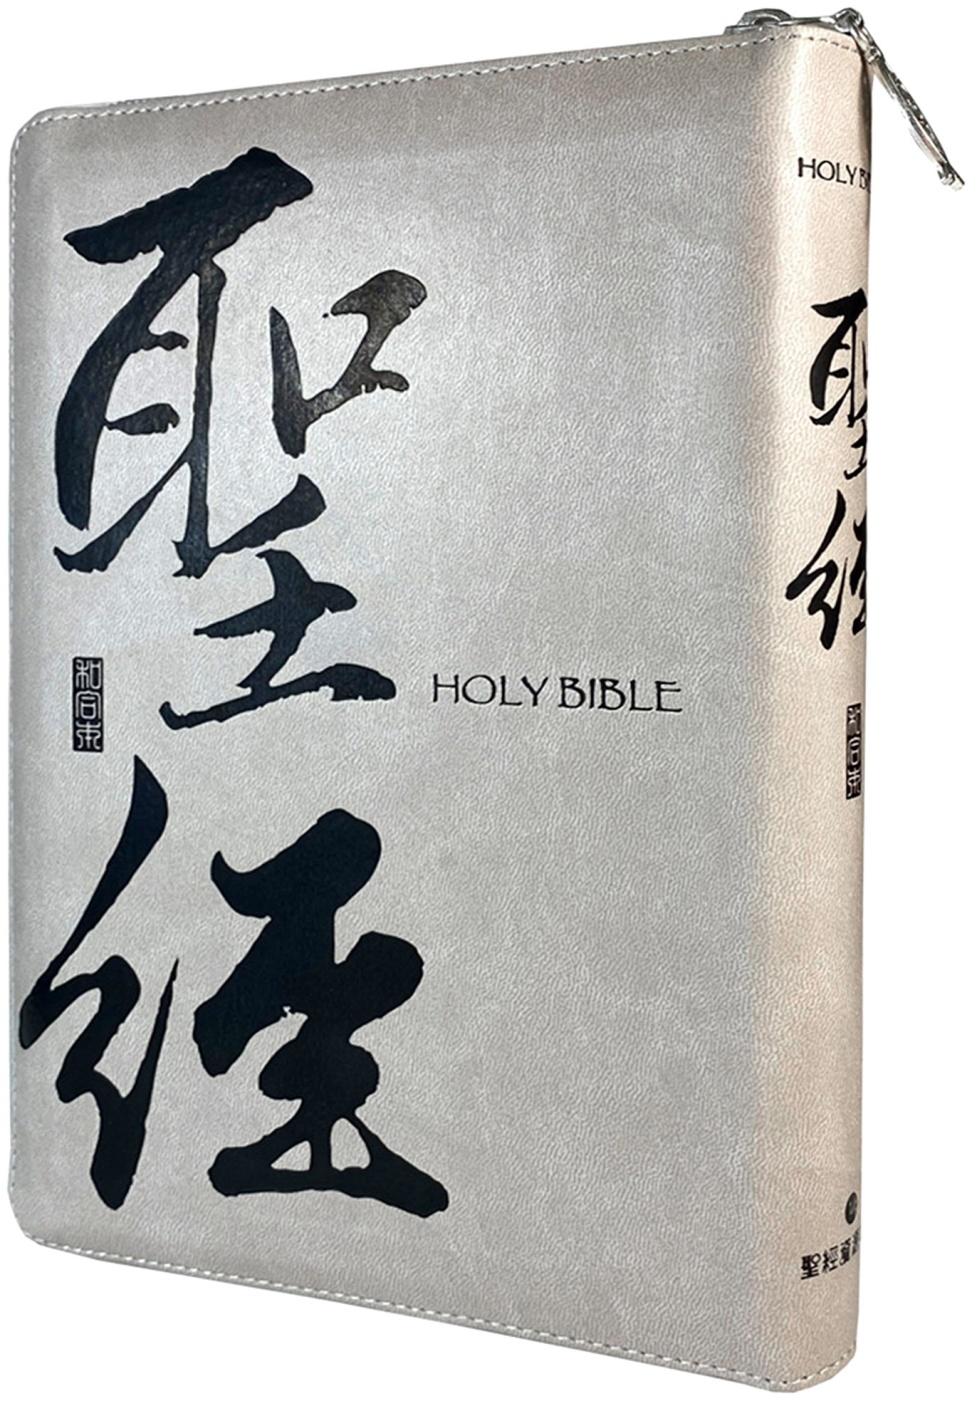 聖經:和合本(書法灰皮拉鏈索引...